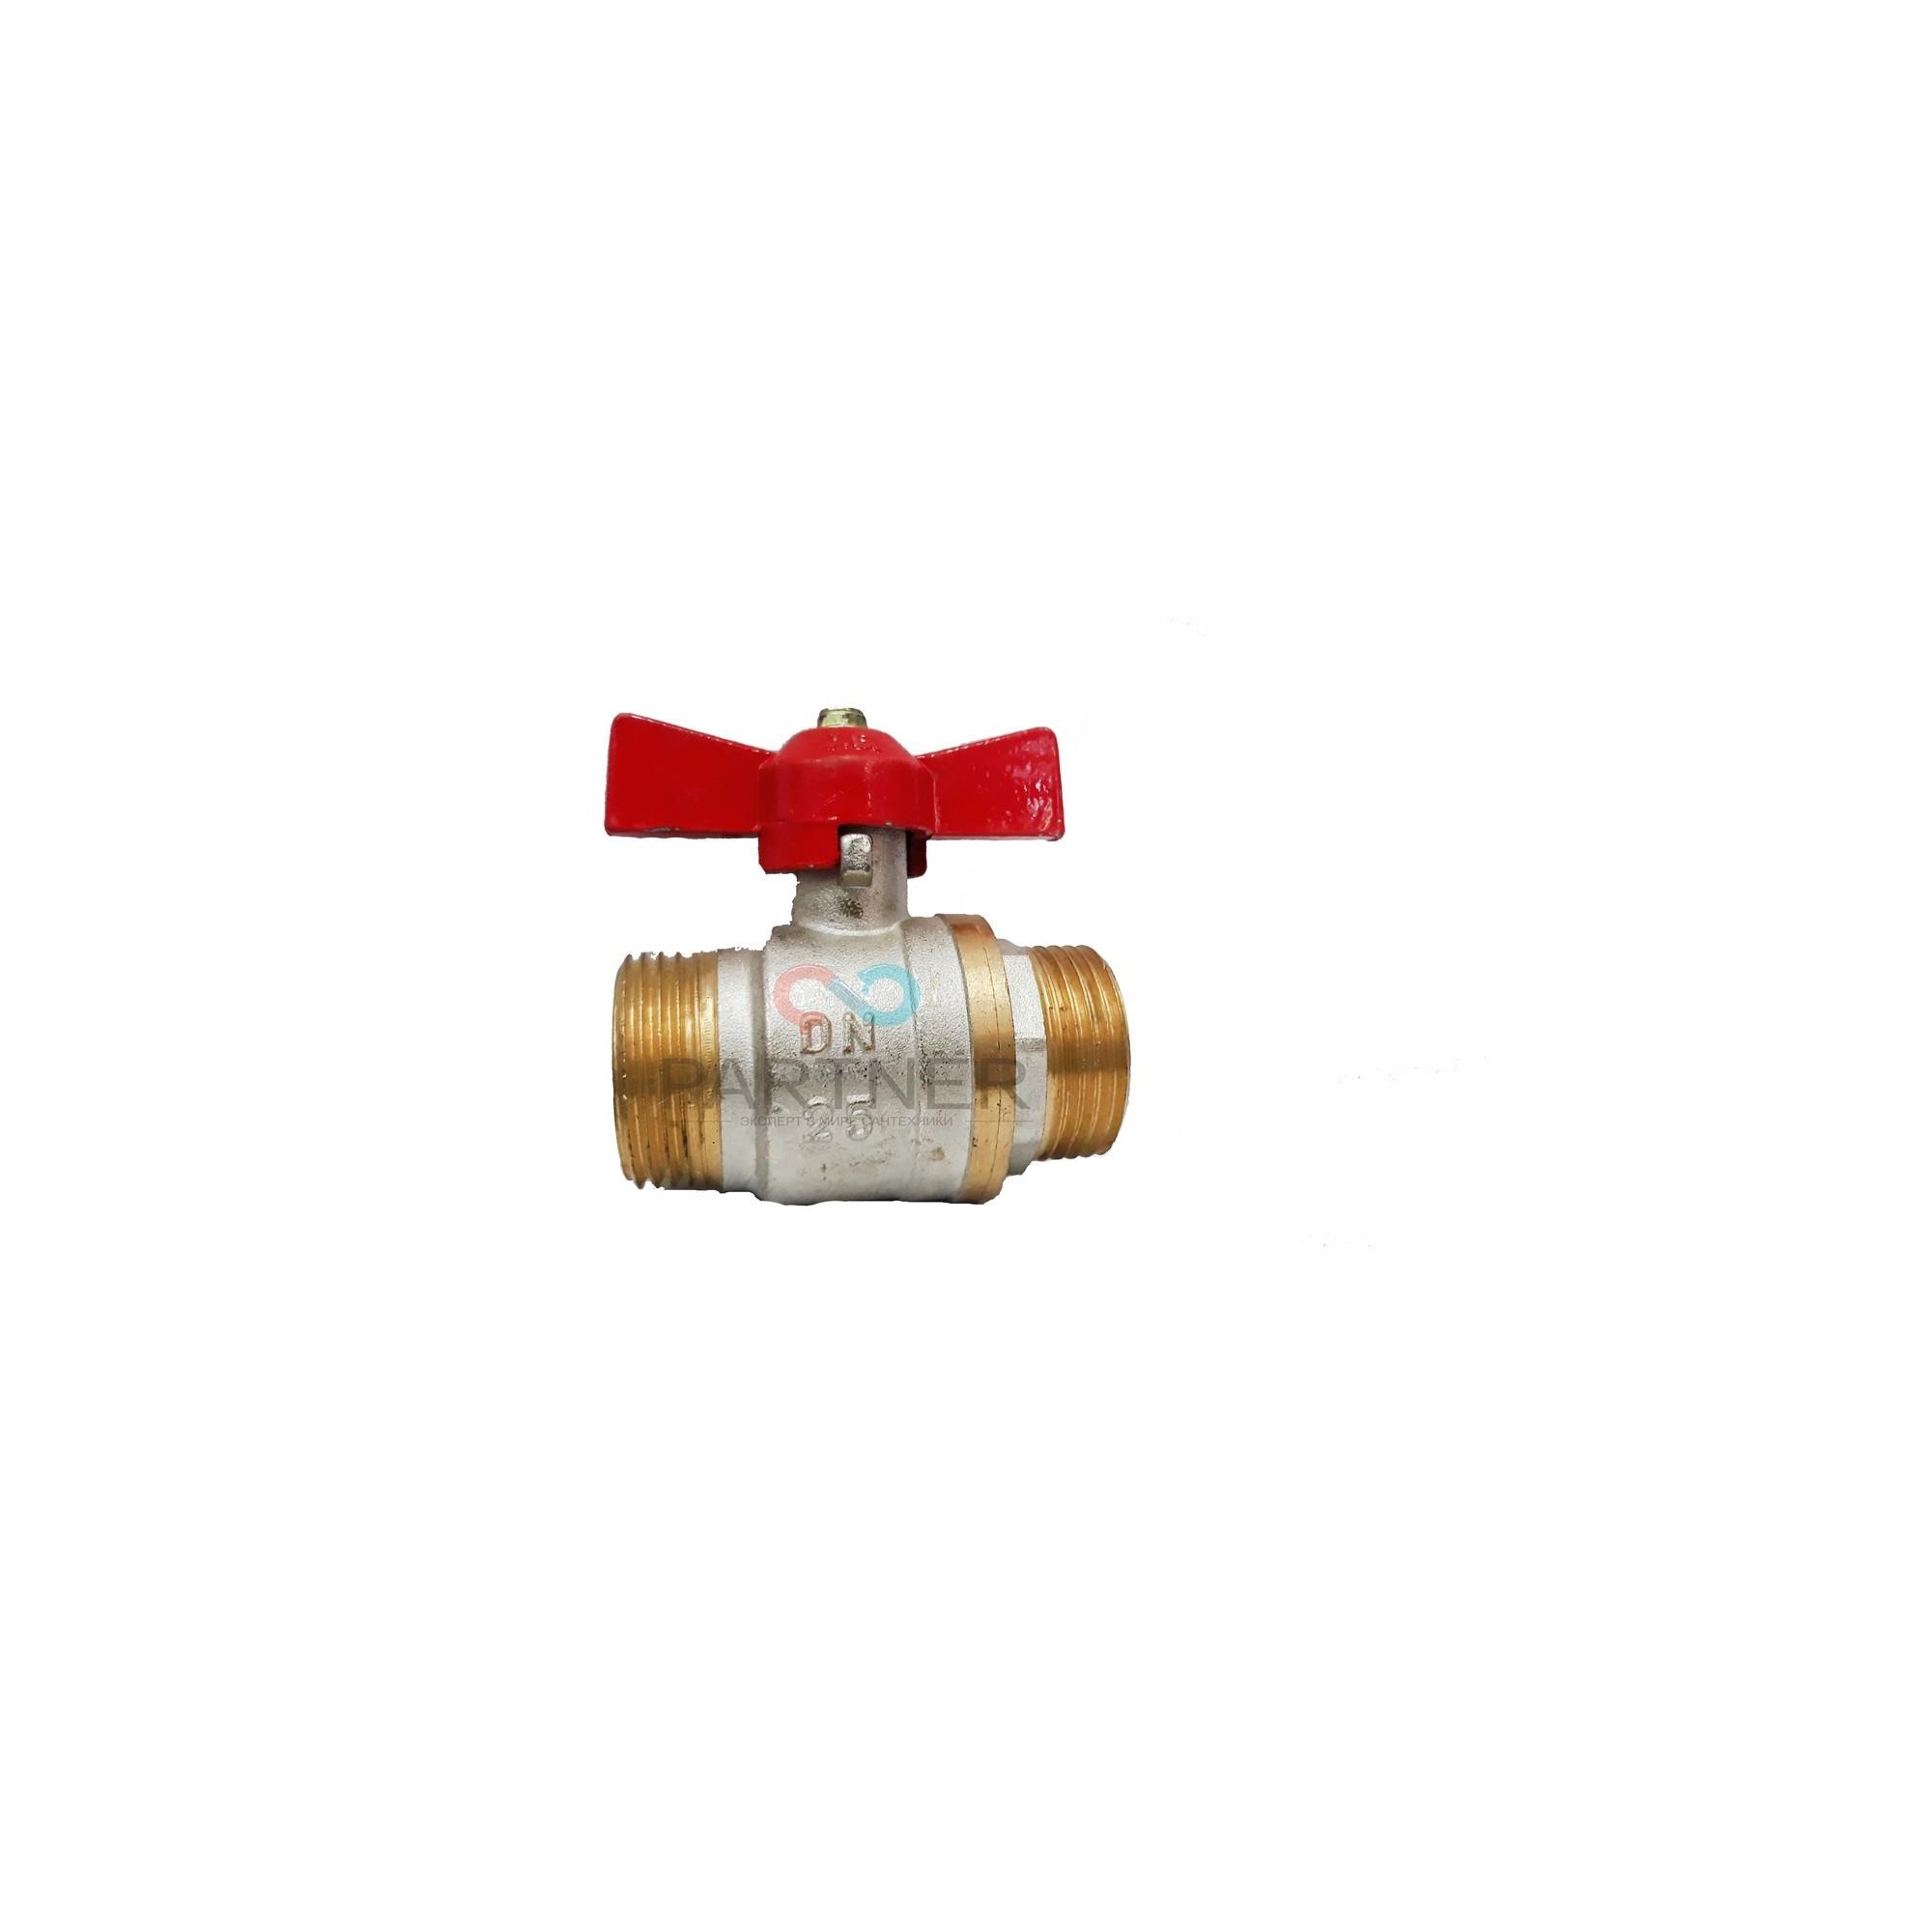 Кран шаровый Valve JG 1'' нн красная бабочка для воды J.G. - 1